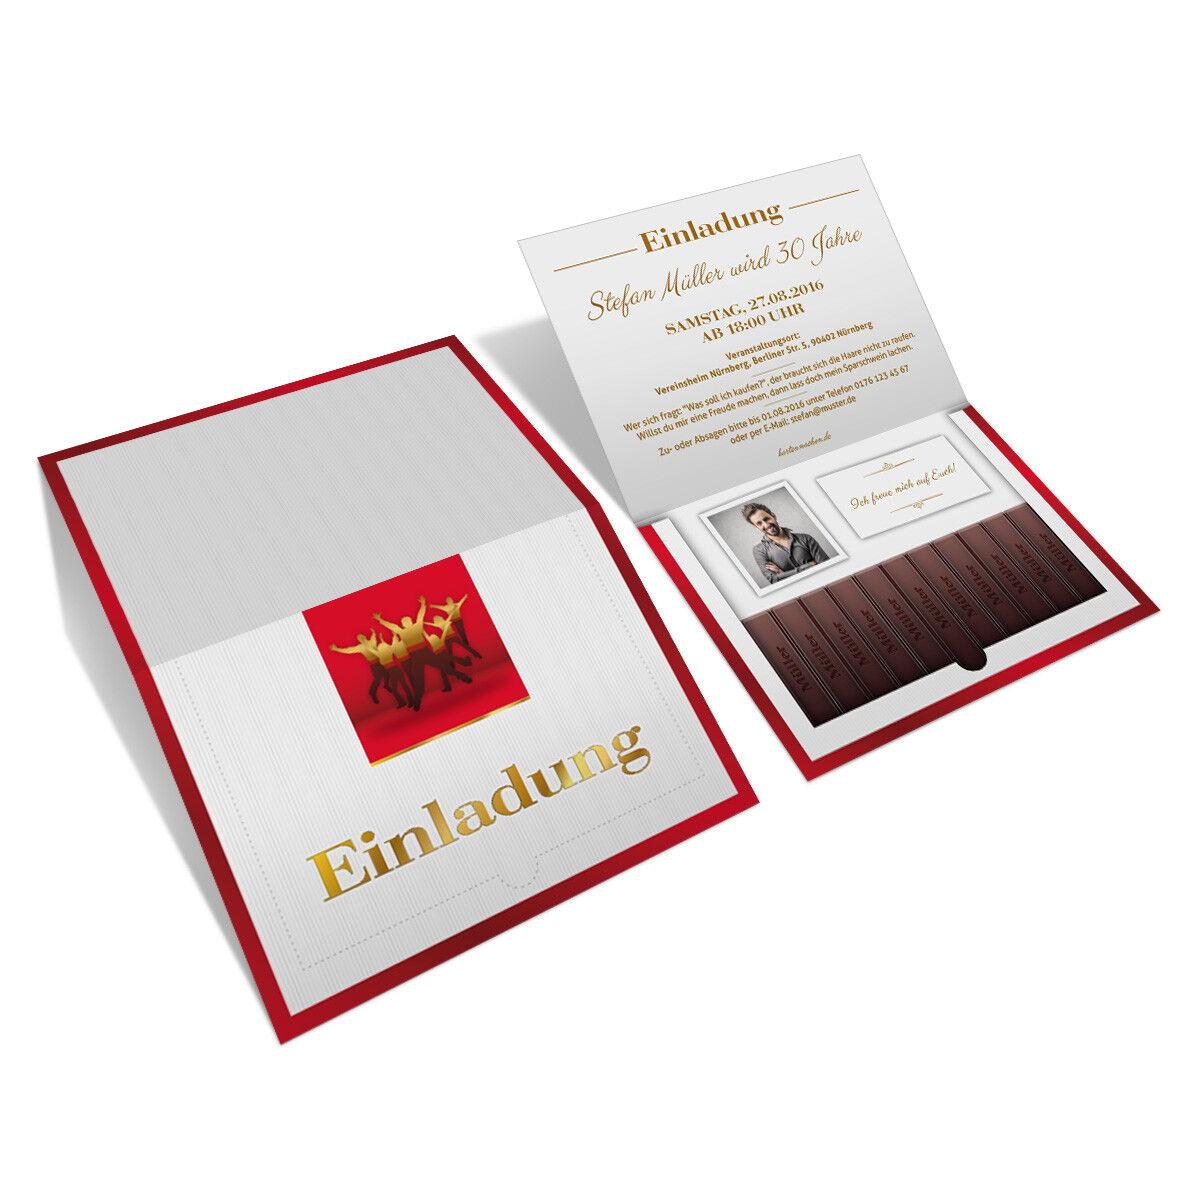 Einladungen zum Geburtstag als Danke Schokolade Klappkarte mit Foto   | Lebendige Form  | Verwendet in der Haltbarkeit